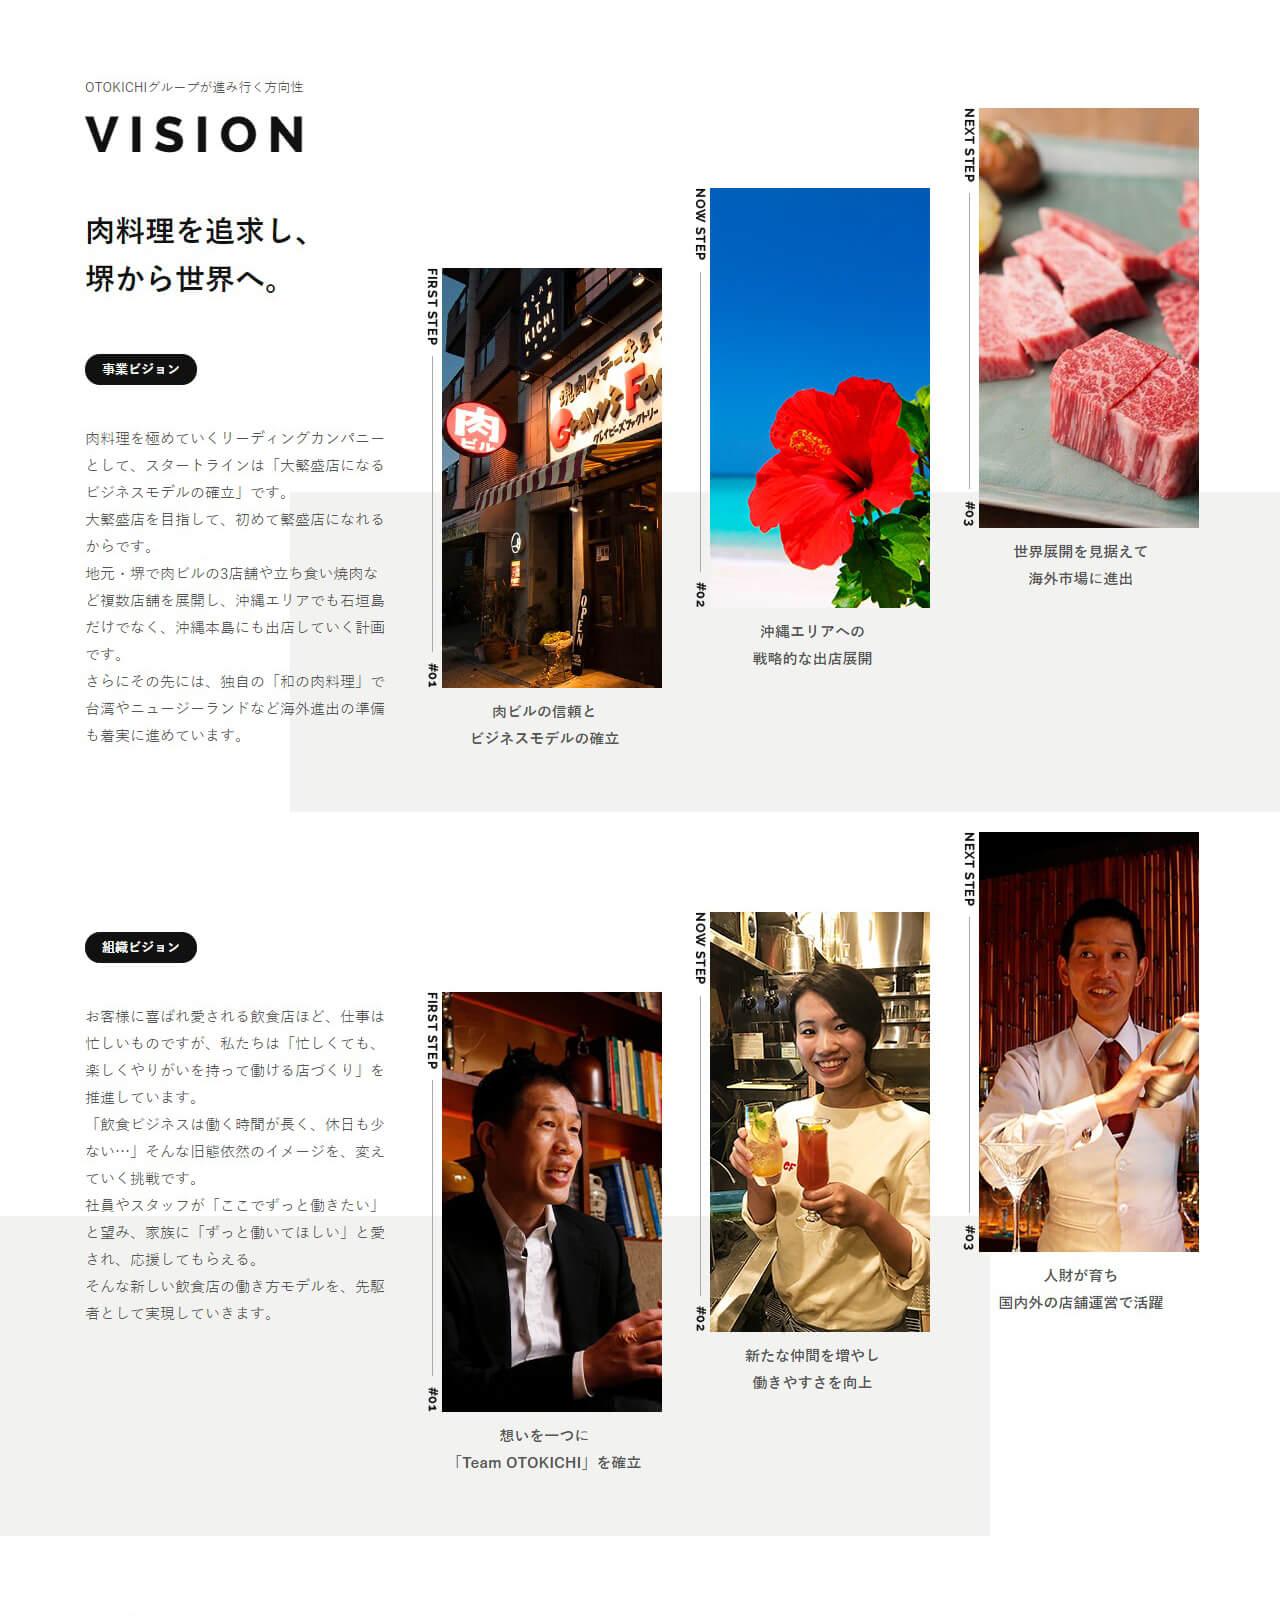 otokichi_vision